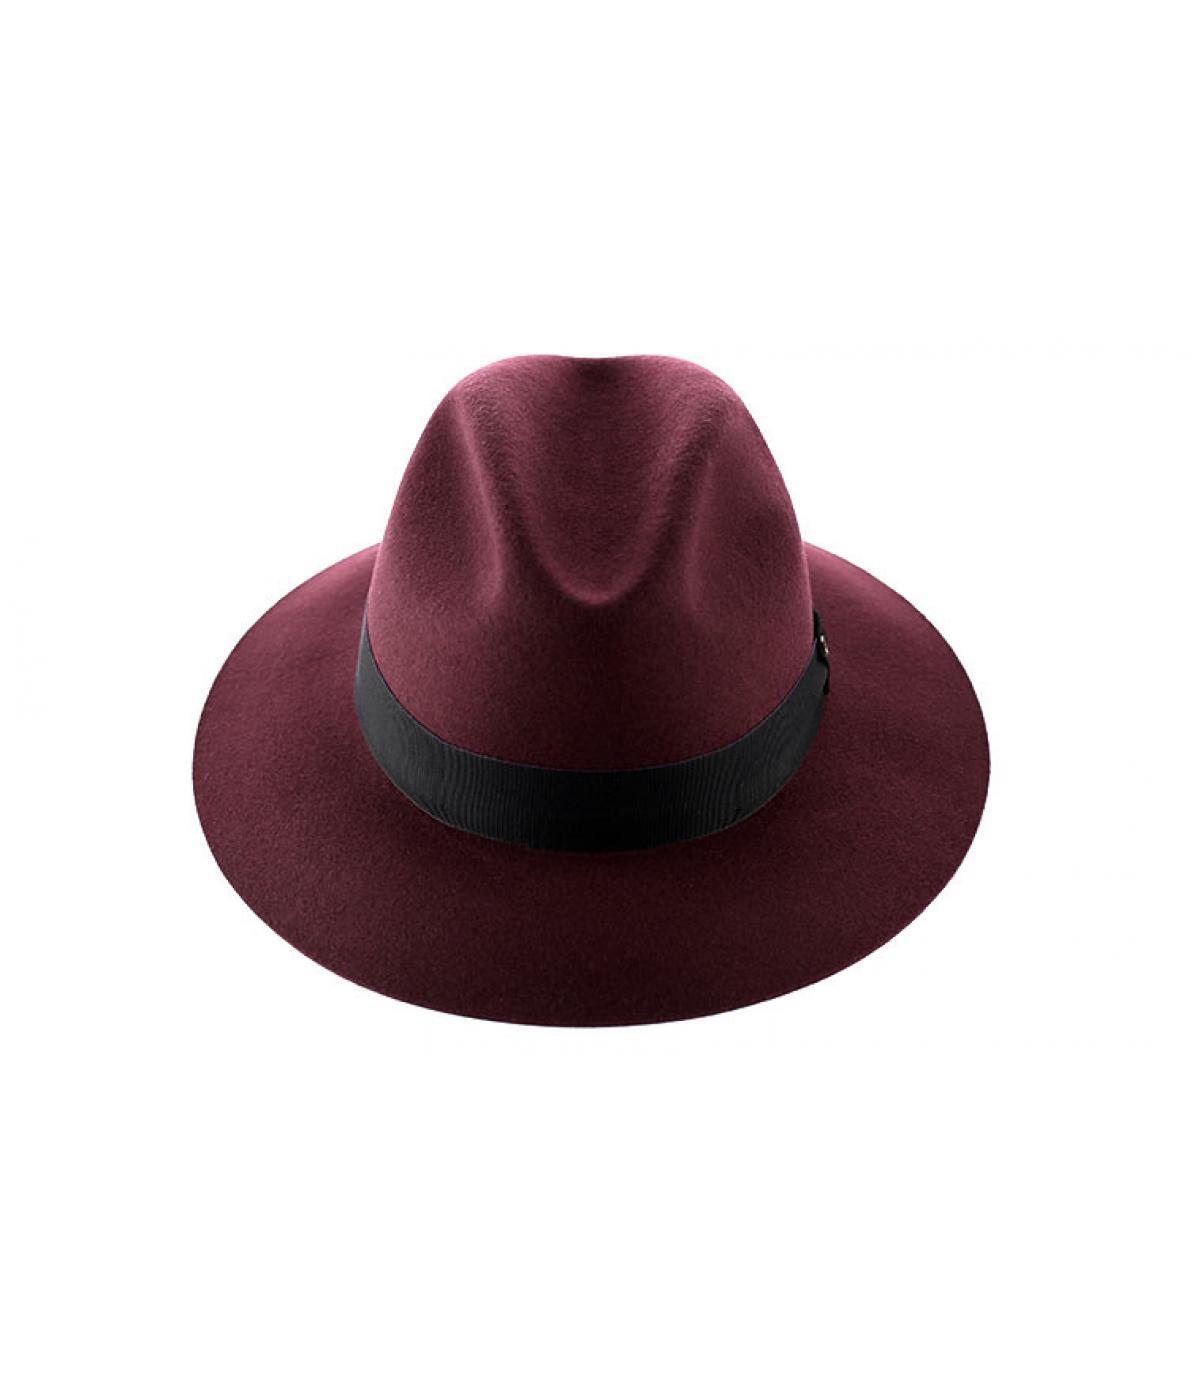 chapeau femme doria bordeaux chapeau feutre 44l bordeaux. Black Bedroom Furniture Sets. Home Design Ideas